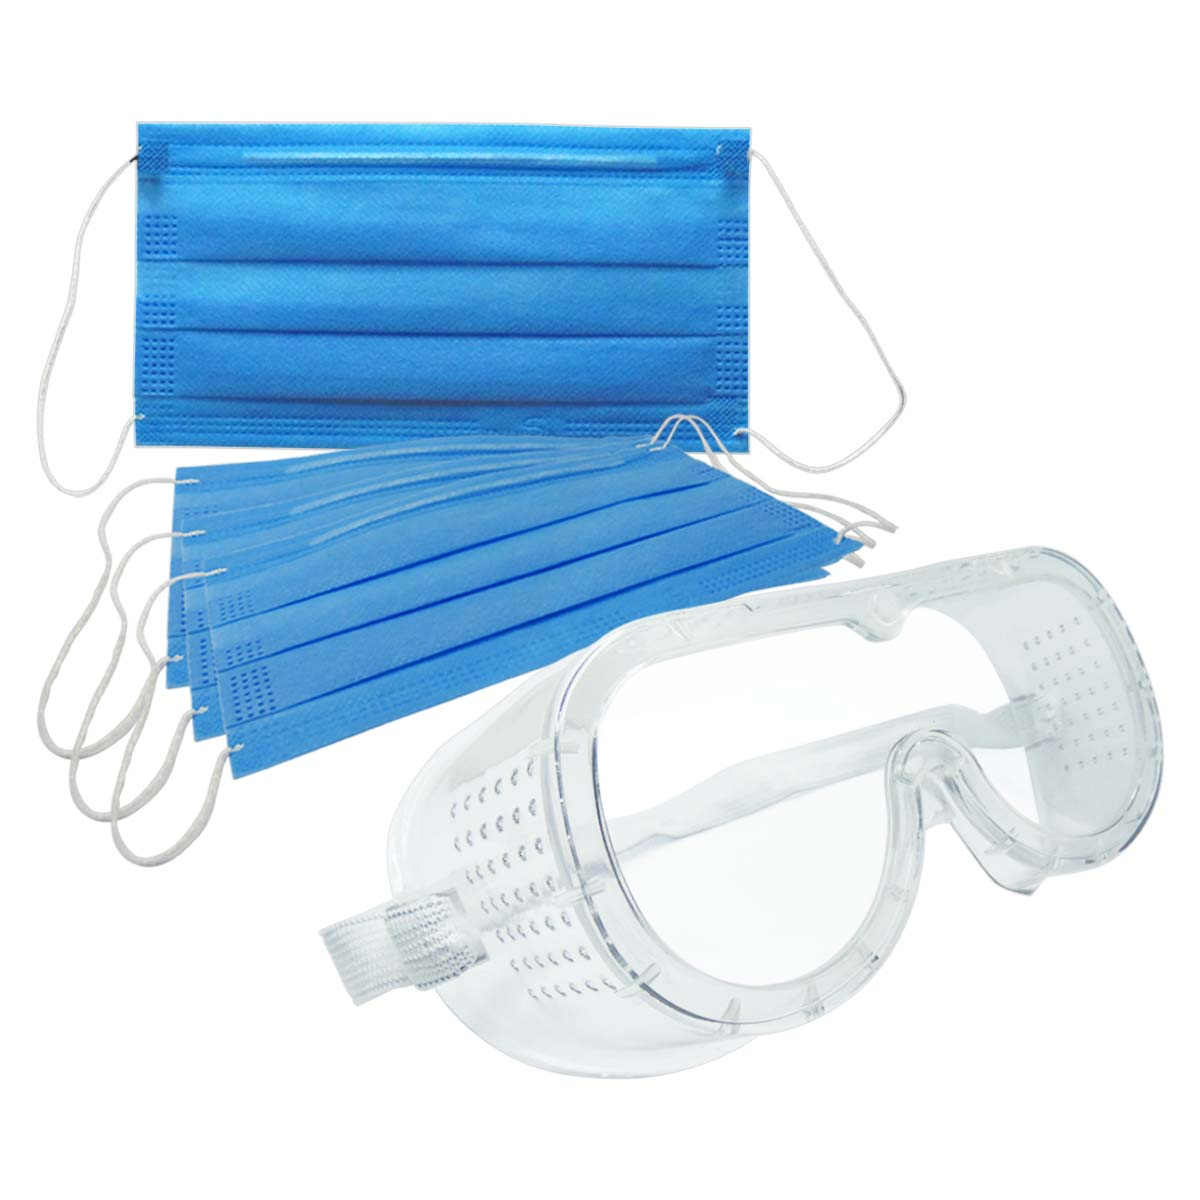 Cubrebocas Mascarilla 10 Pzs + Gafas Monogoogles Seguridad